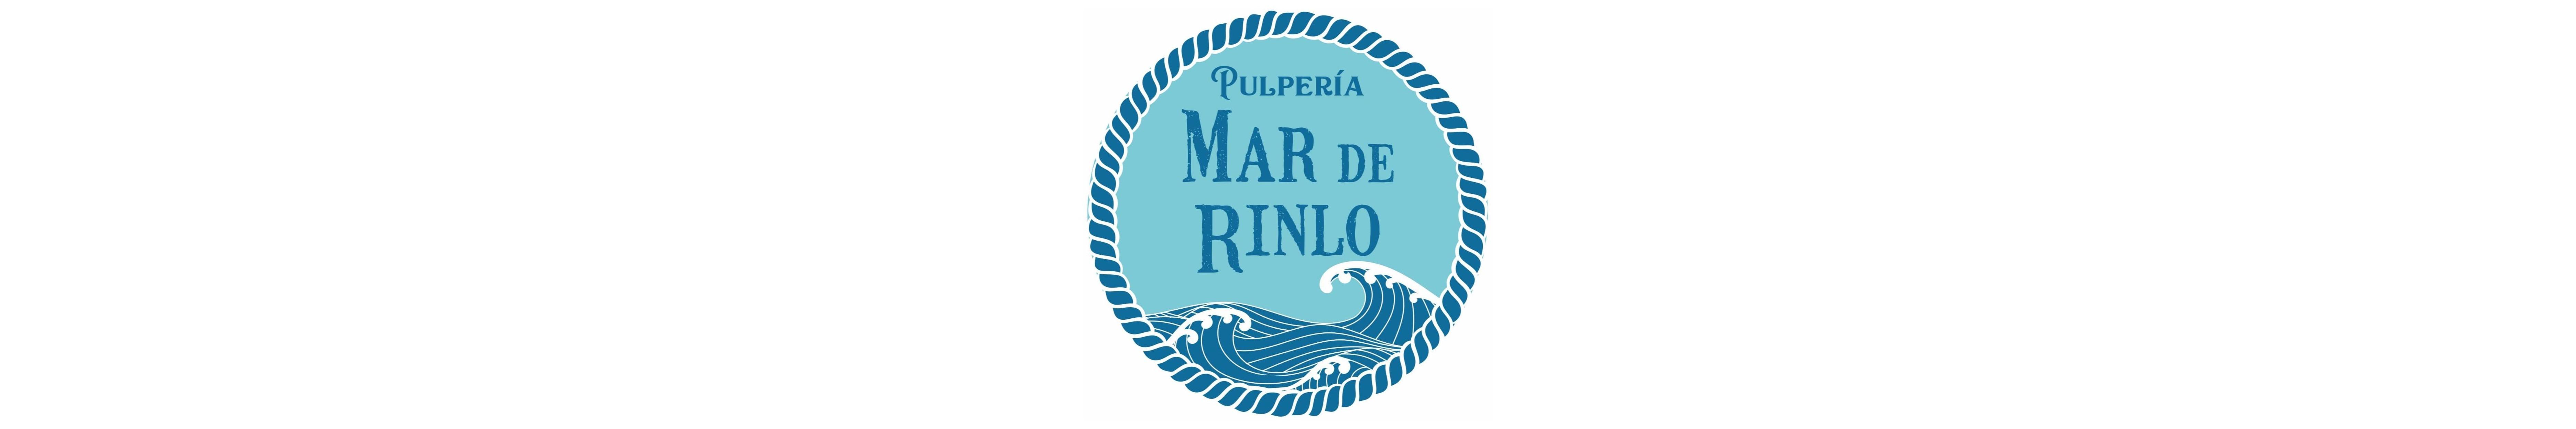 Restaurante pulpería con platos de la gastronomía gallega